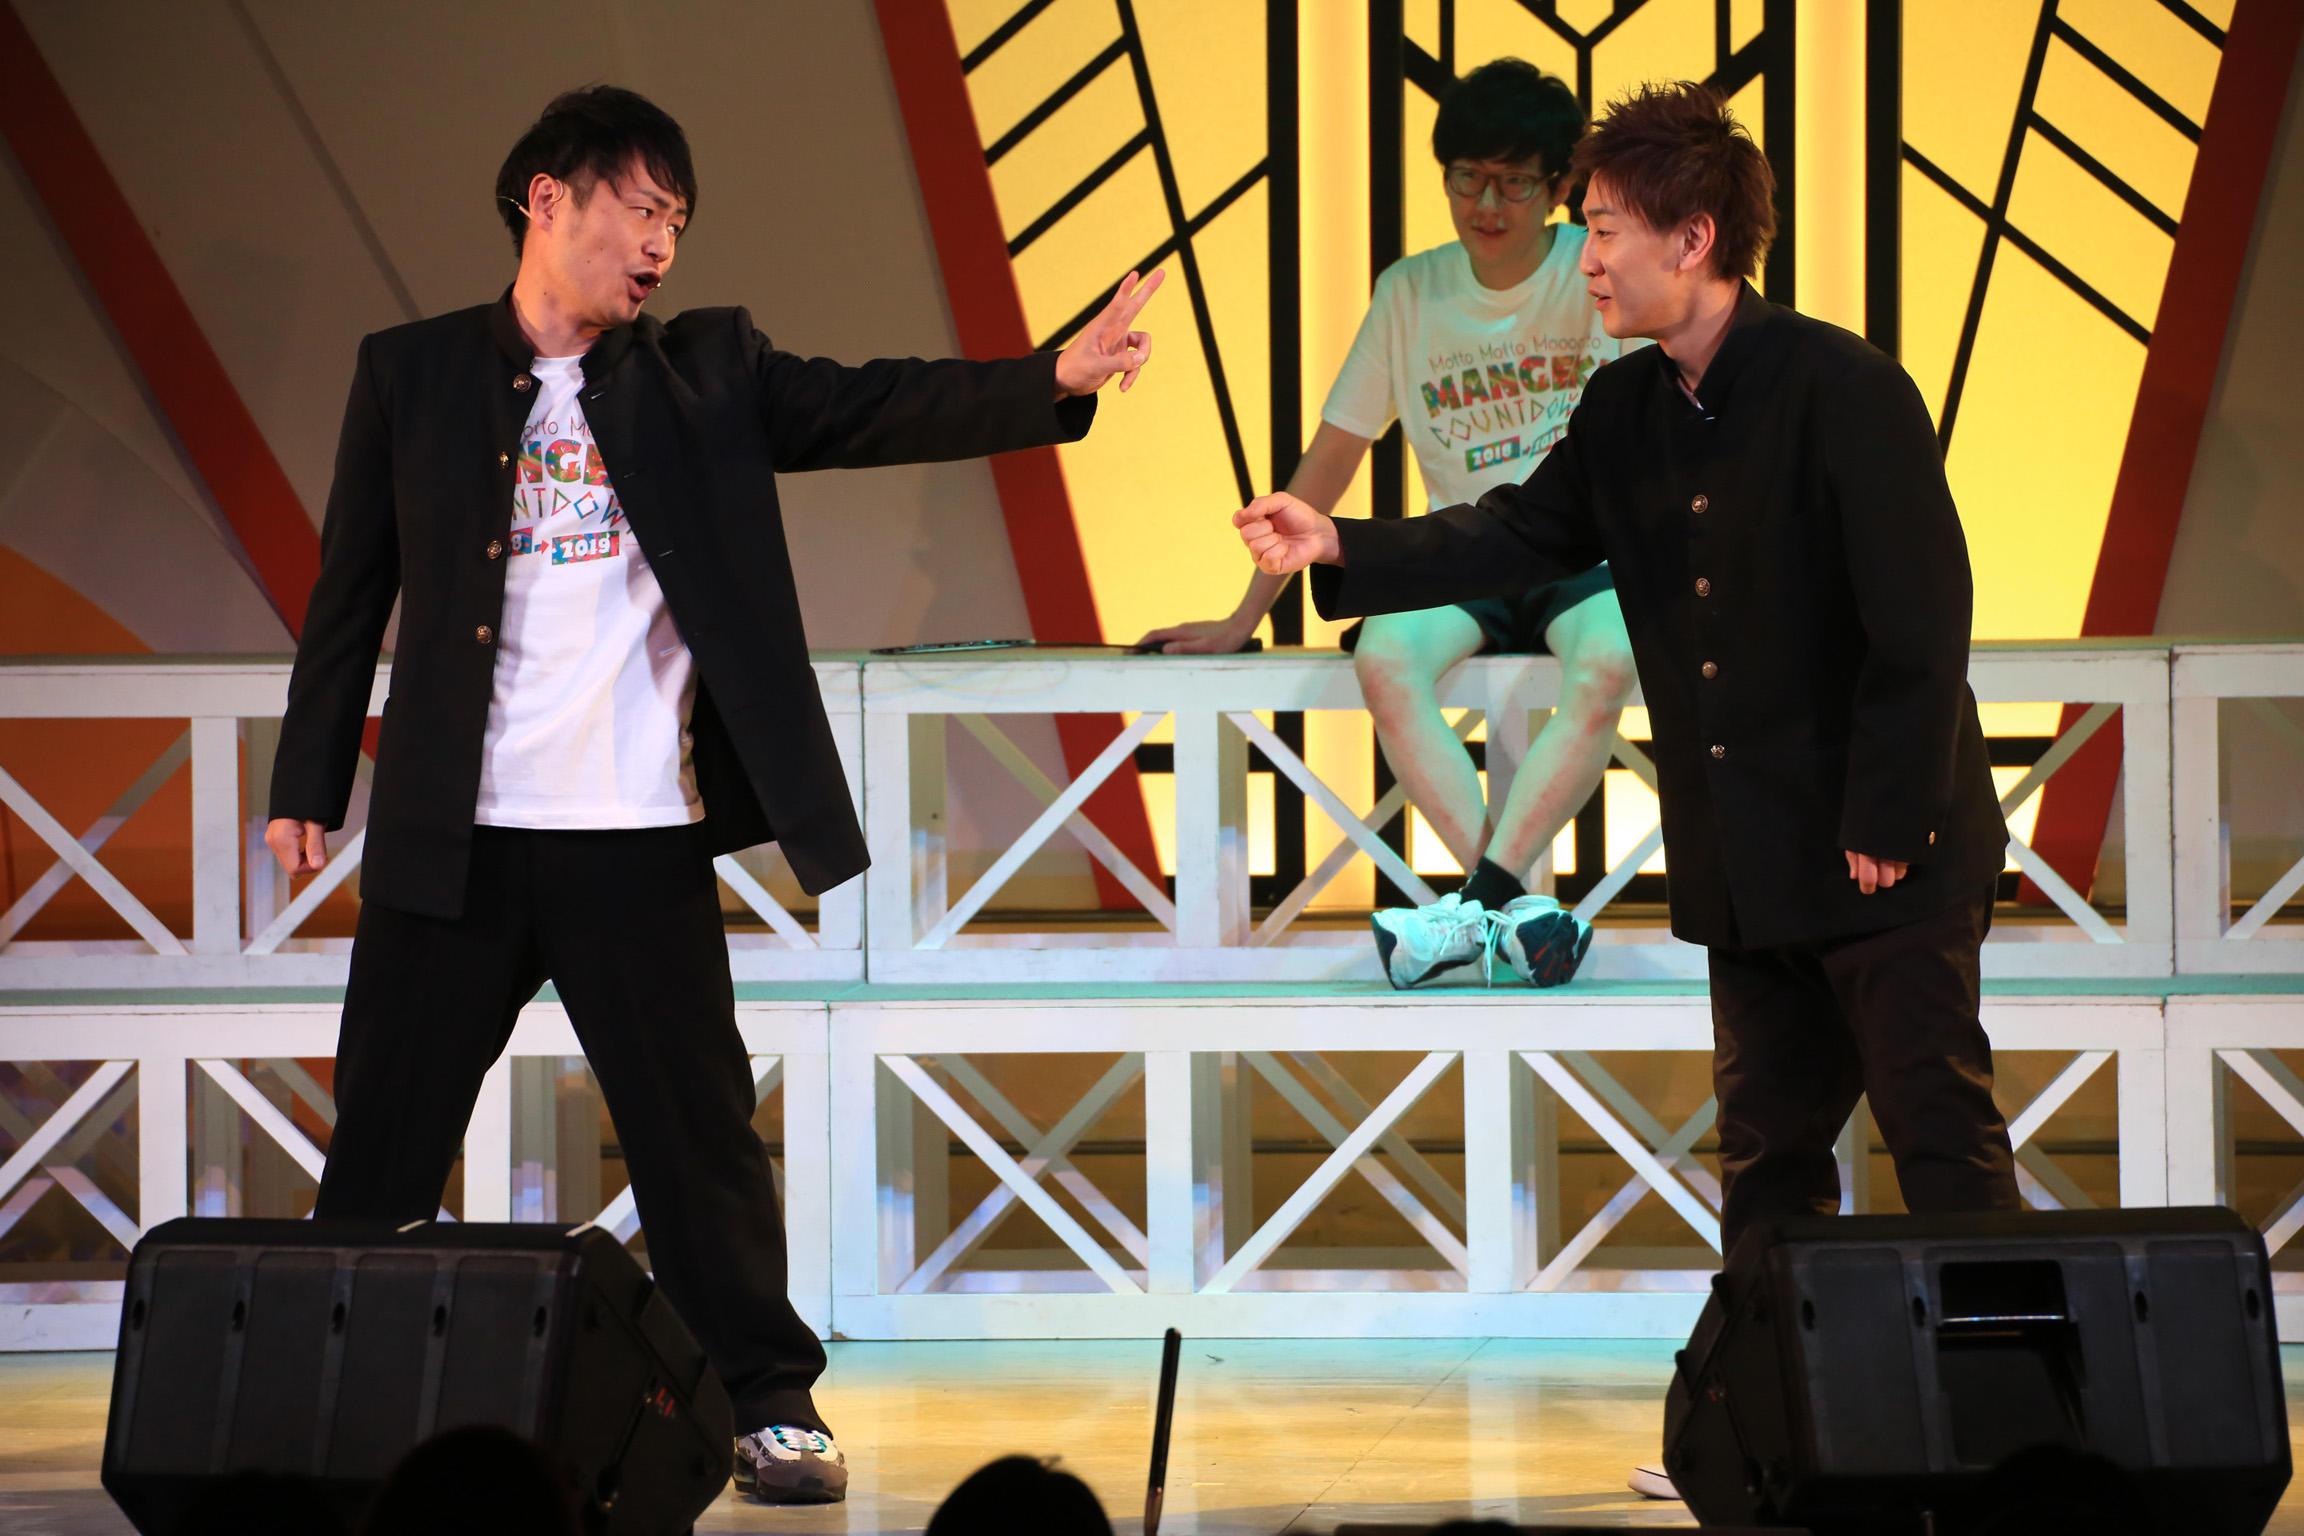 http://news.yoshimoto.co.jp/20190101110656-7a6d1602c316cf5ebed57657cca89b41282b025a.jpg